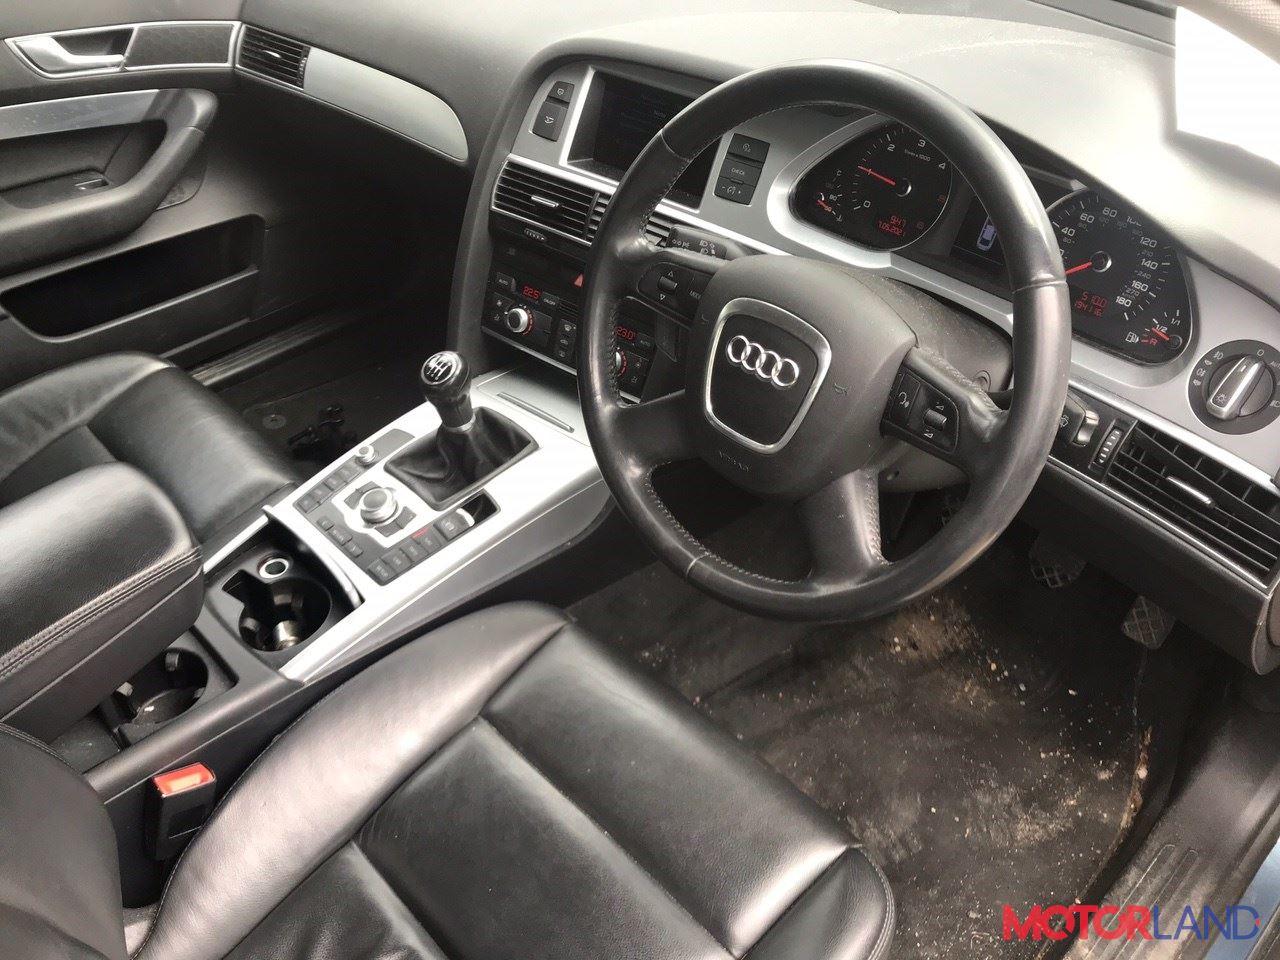 Audi A6 (C6) 2005-2011, разборочный номер T21372 #5